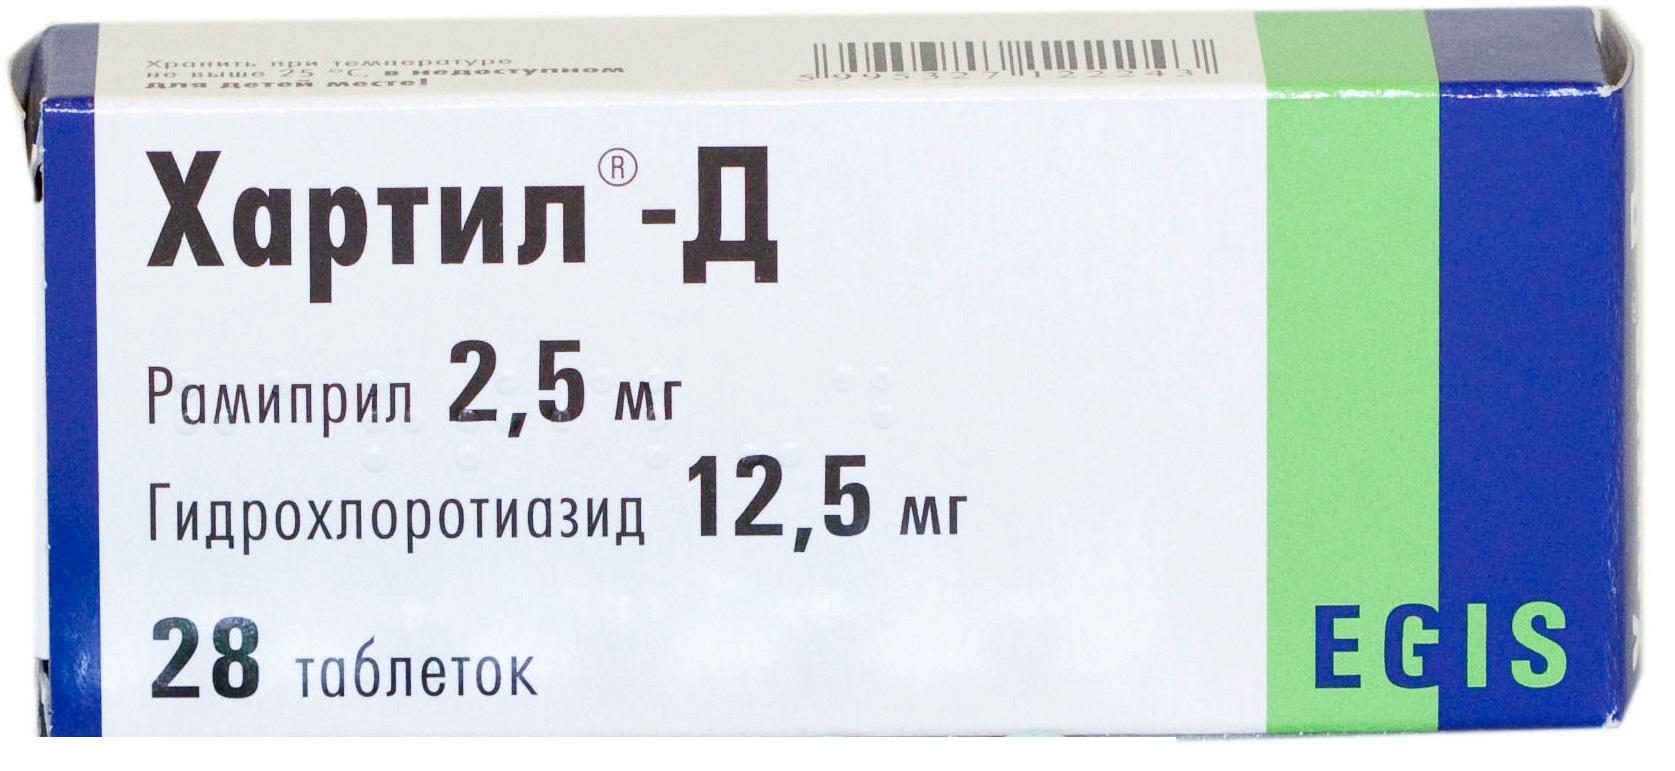 Хартил таблетки